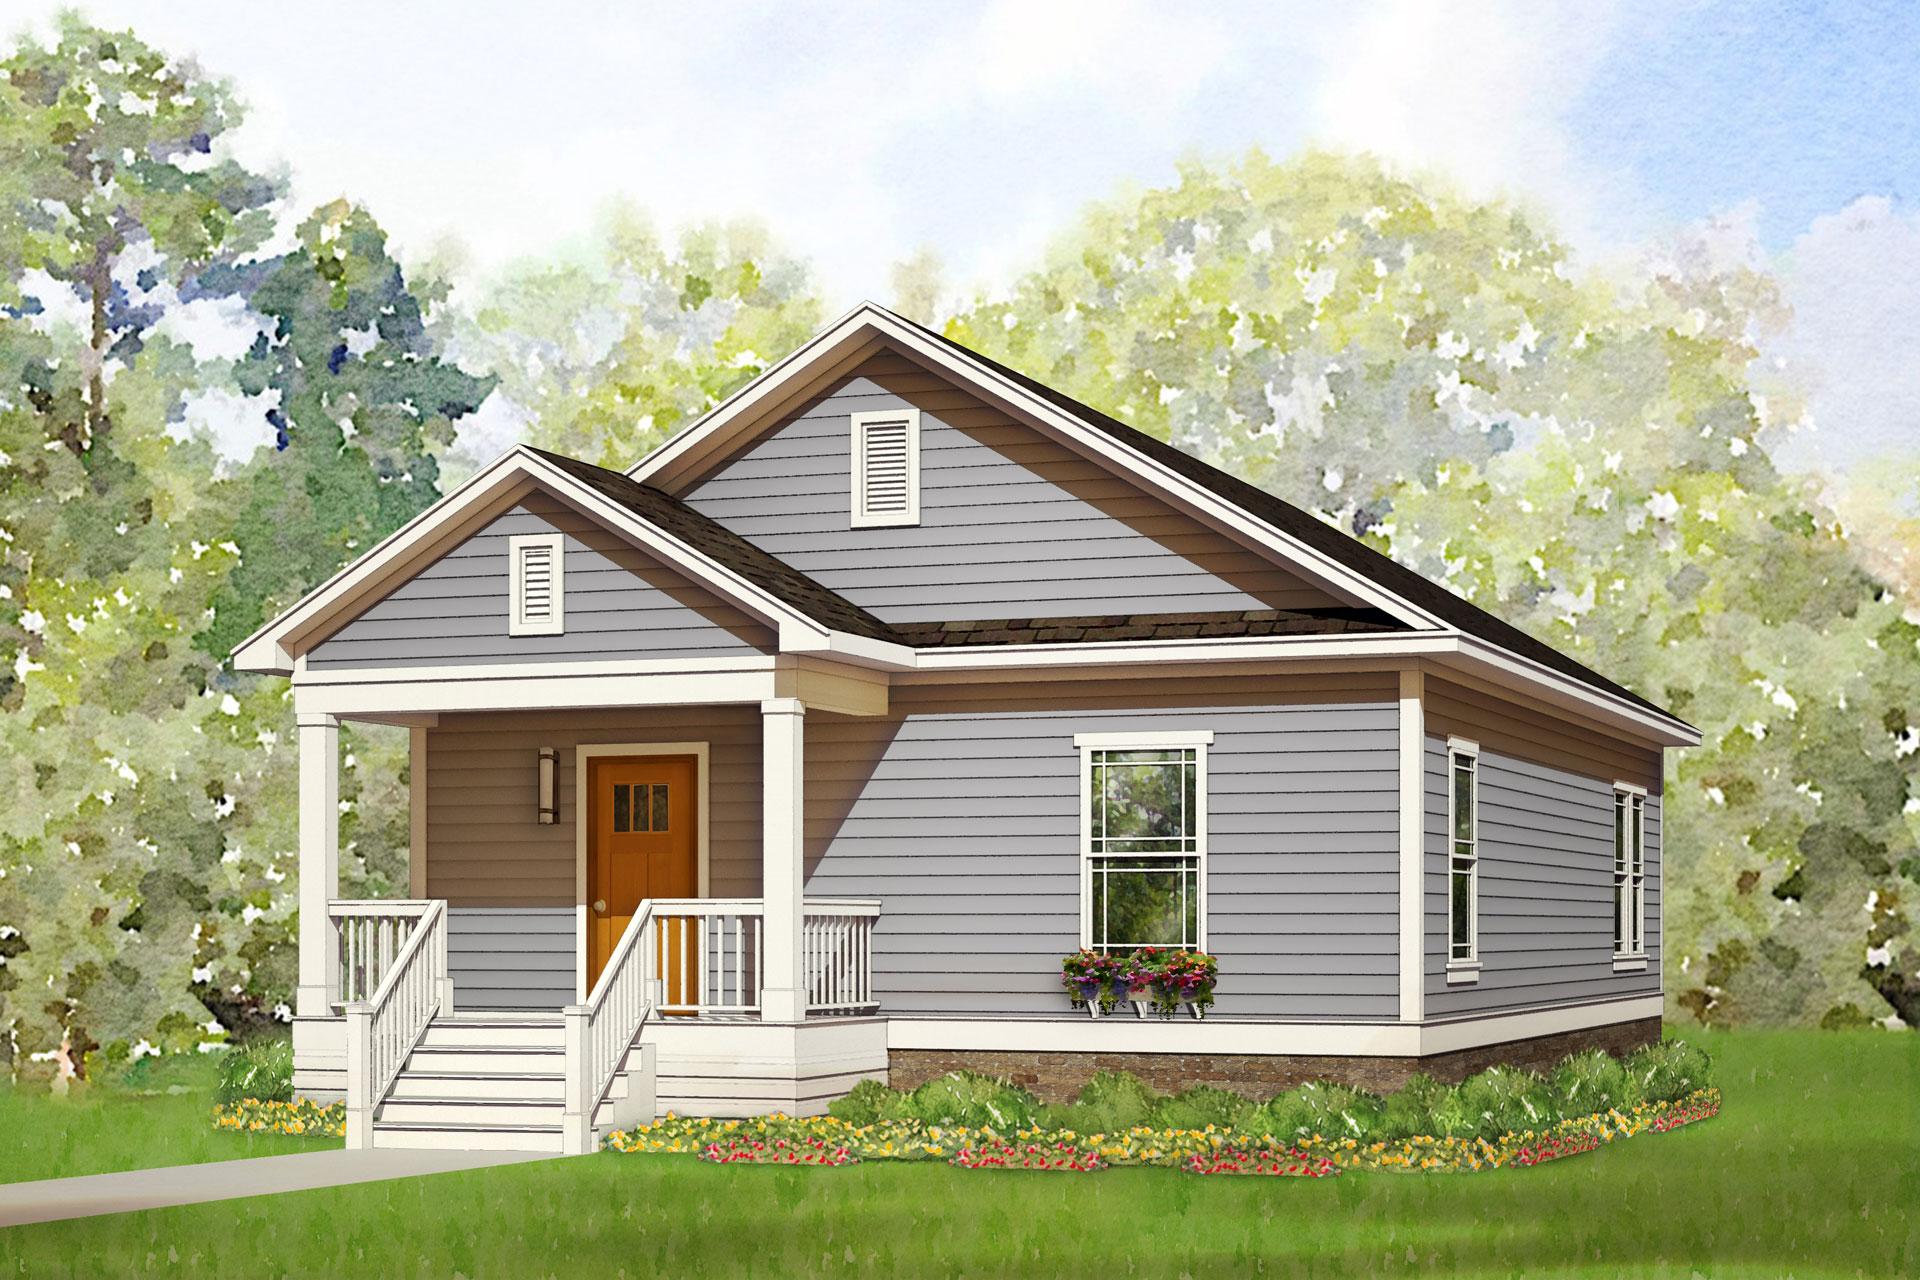 glenn cove modular home rendering